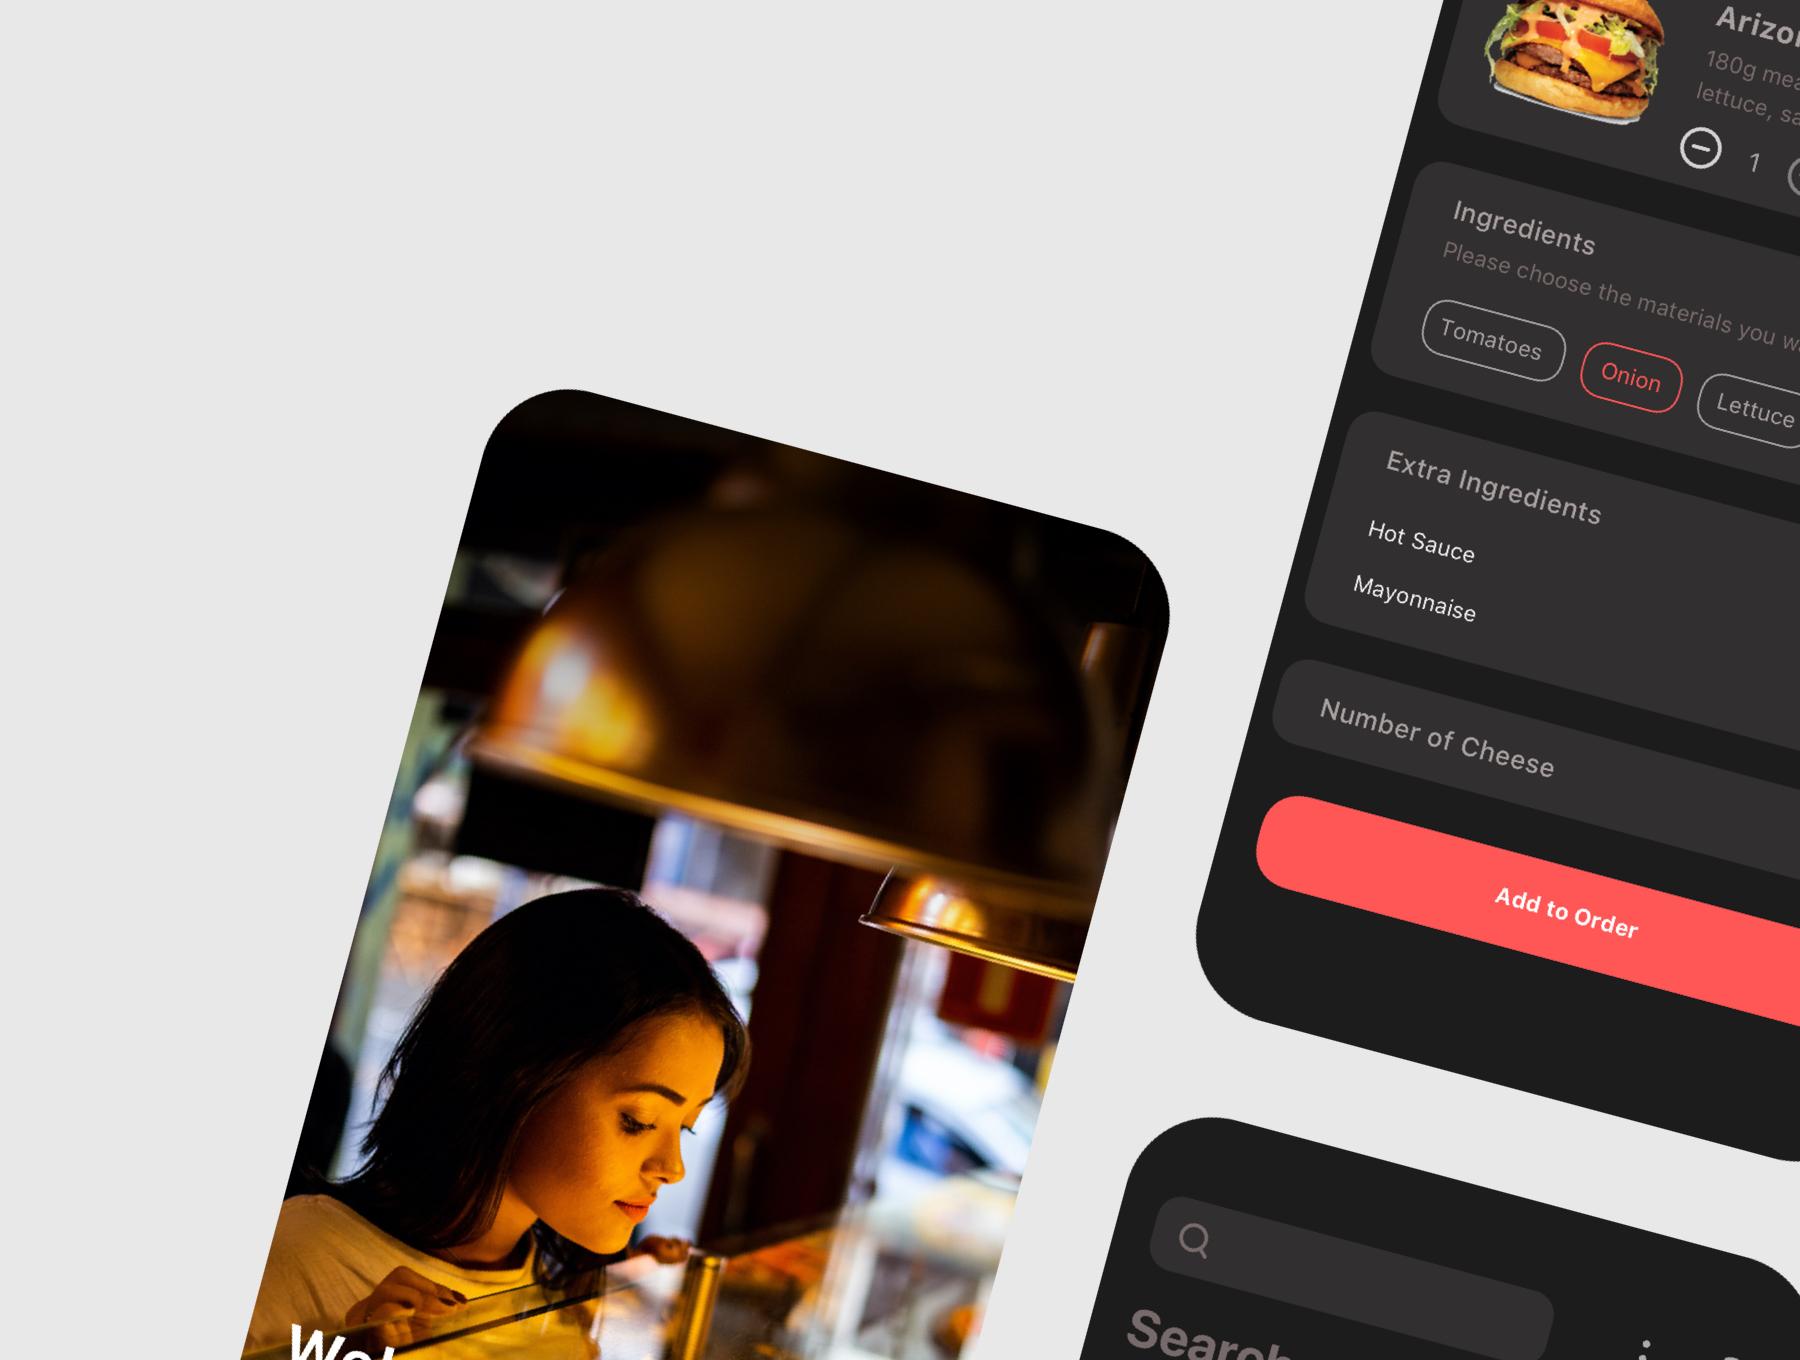 食品外卖配送服务移动应用APP界面设计UI套件 Spes Dark Food Delivery App UI Kit插图(4)